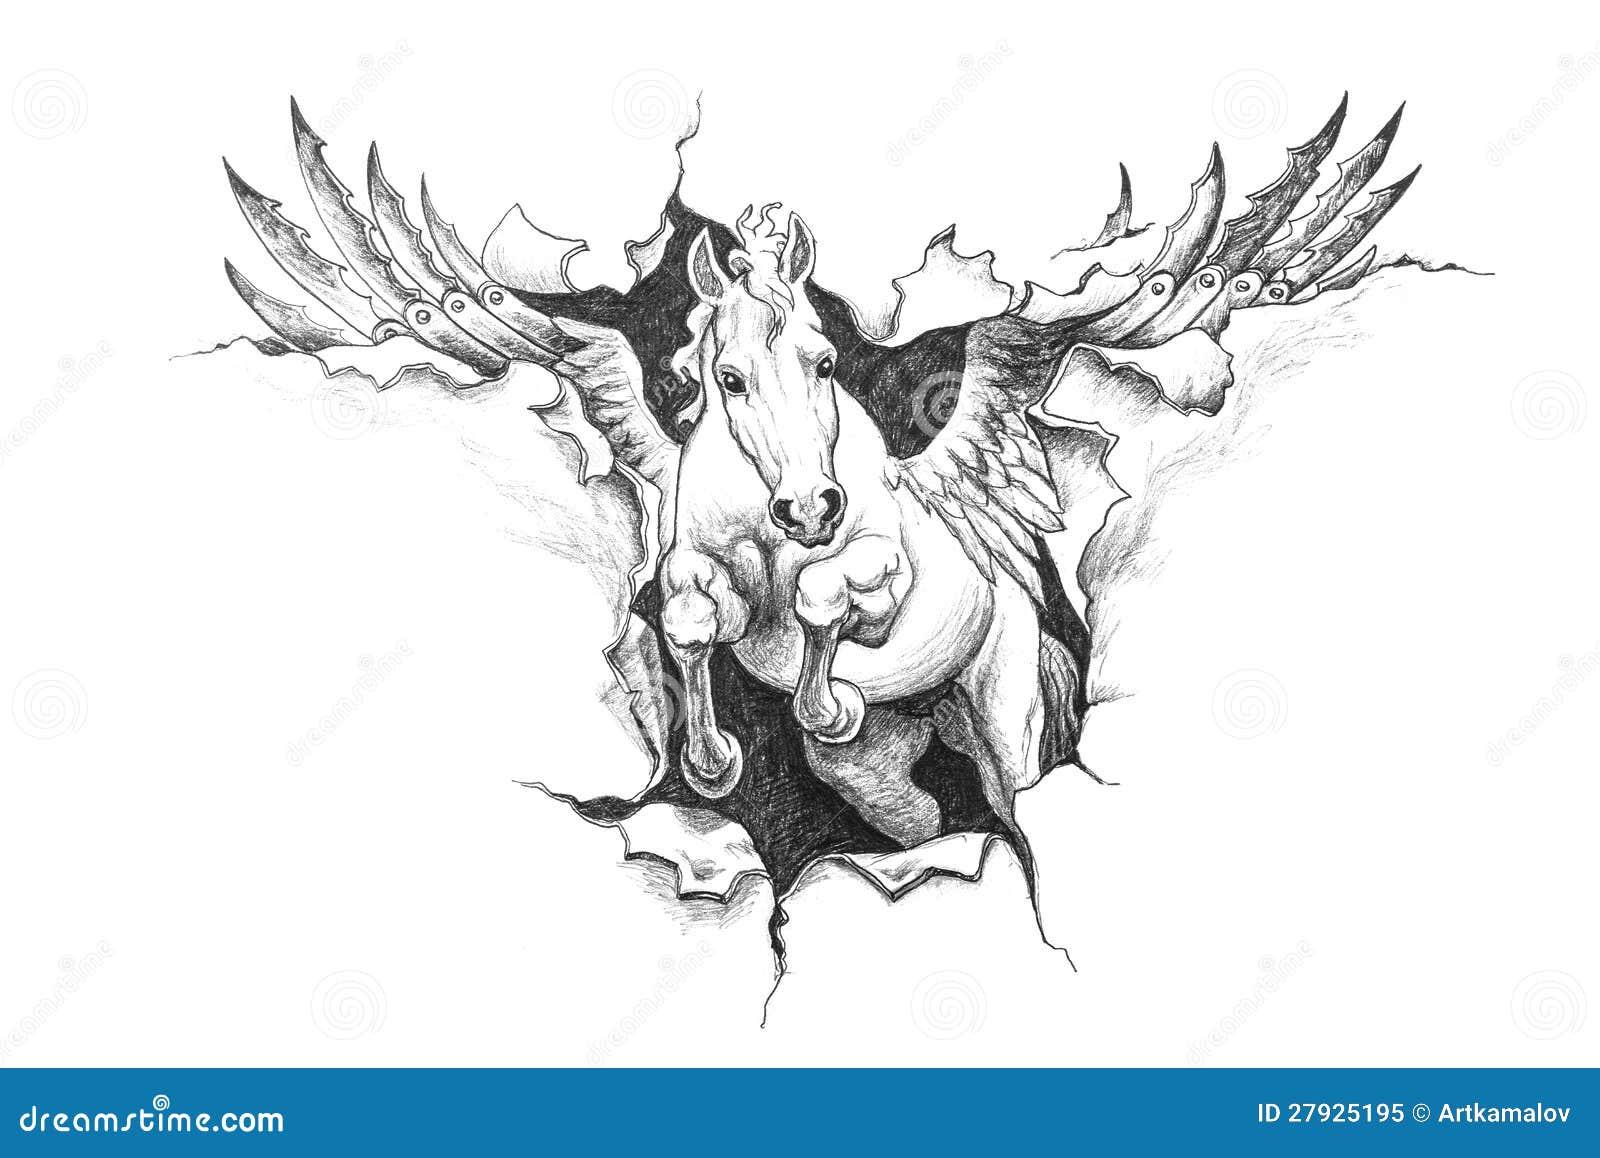 Uncategorized Drawings Of Pegasus pencil drawing of pegasus stock illustration image character pegasus